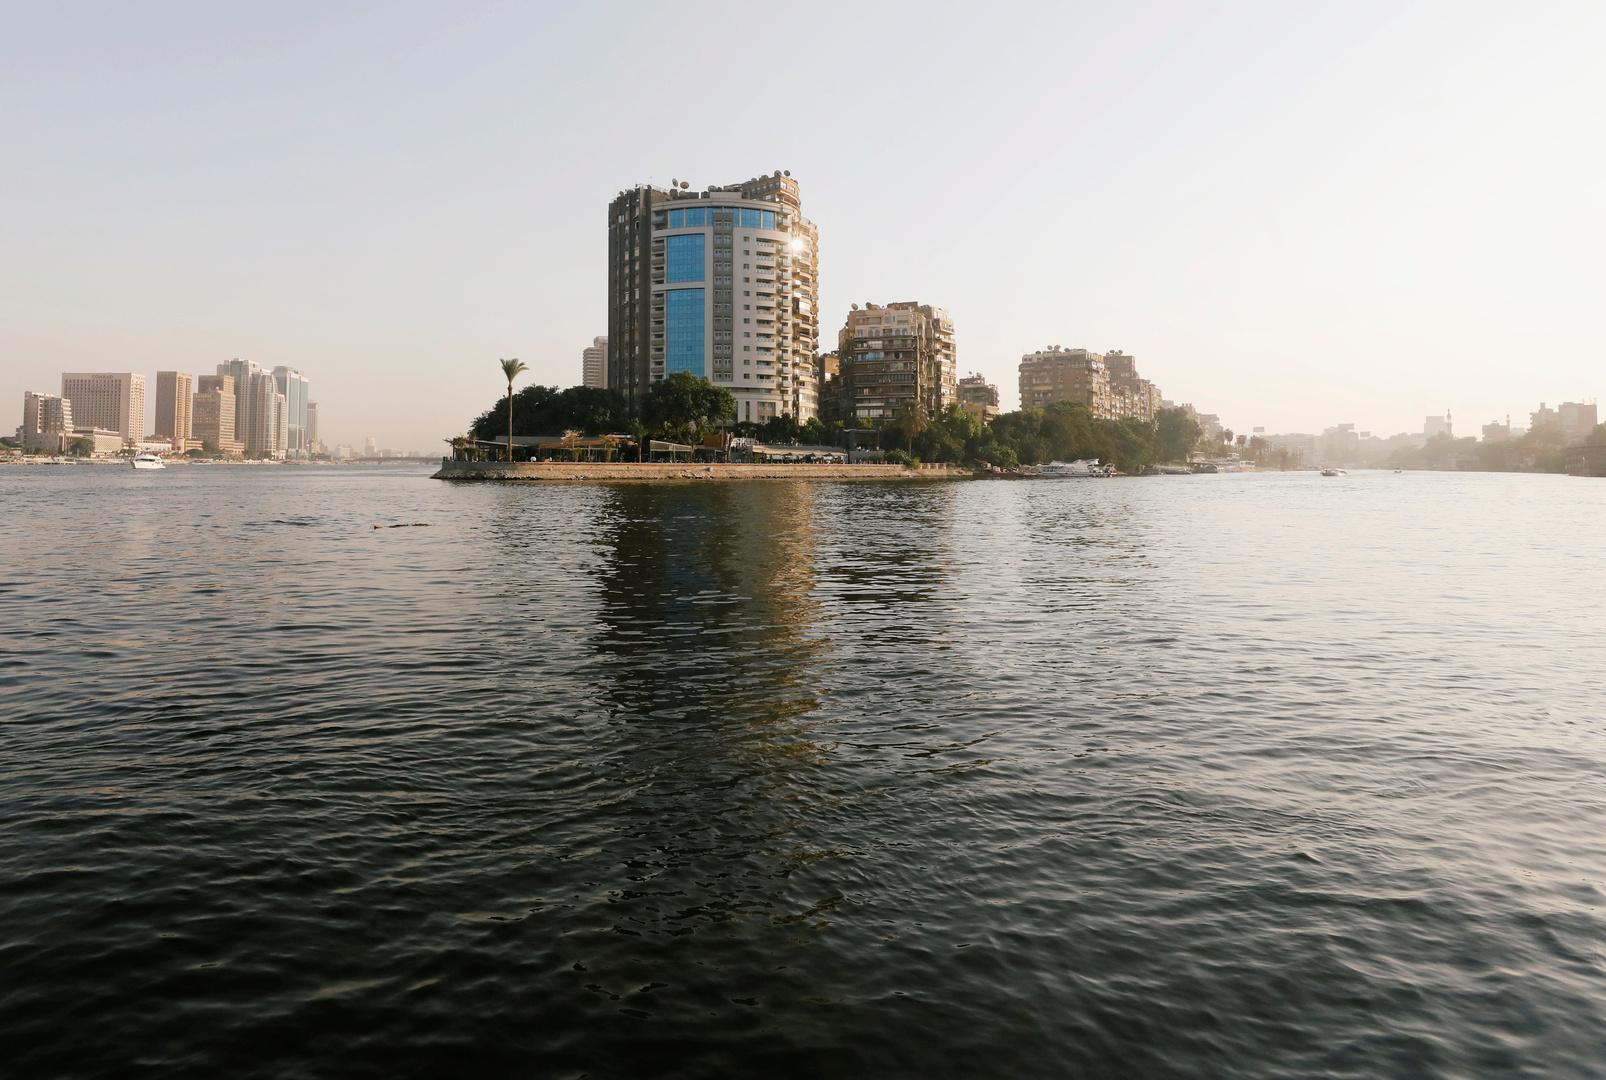 بنك مصر يوقع اتفاقية قرض مع بنك الاستثمار الأوروبي